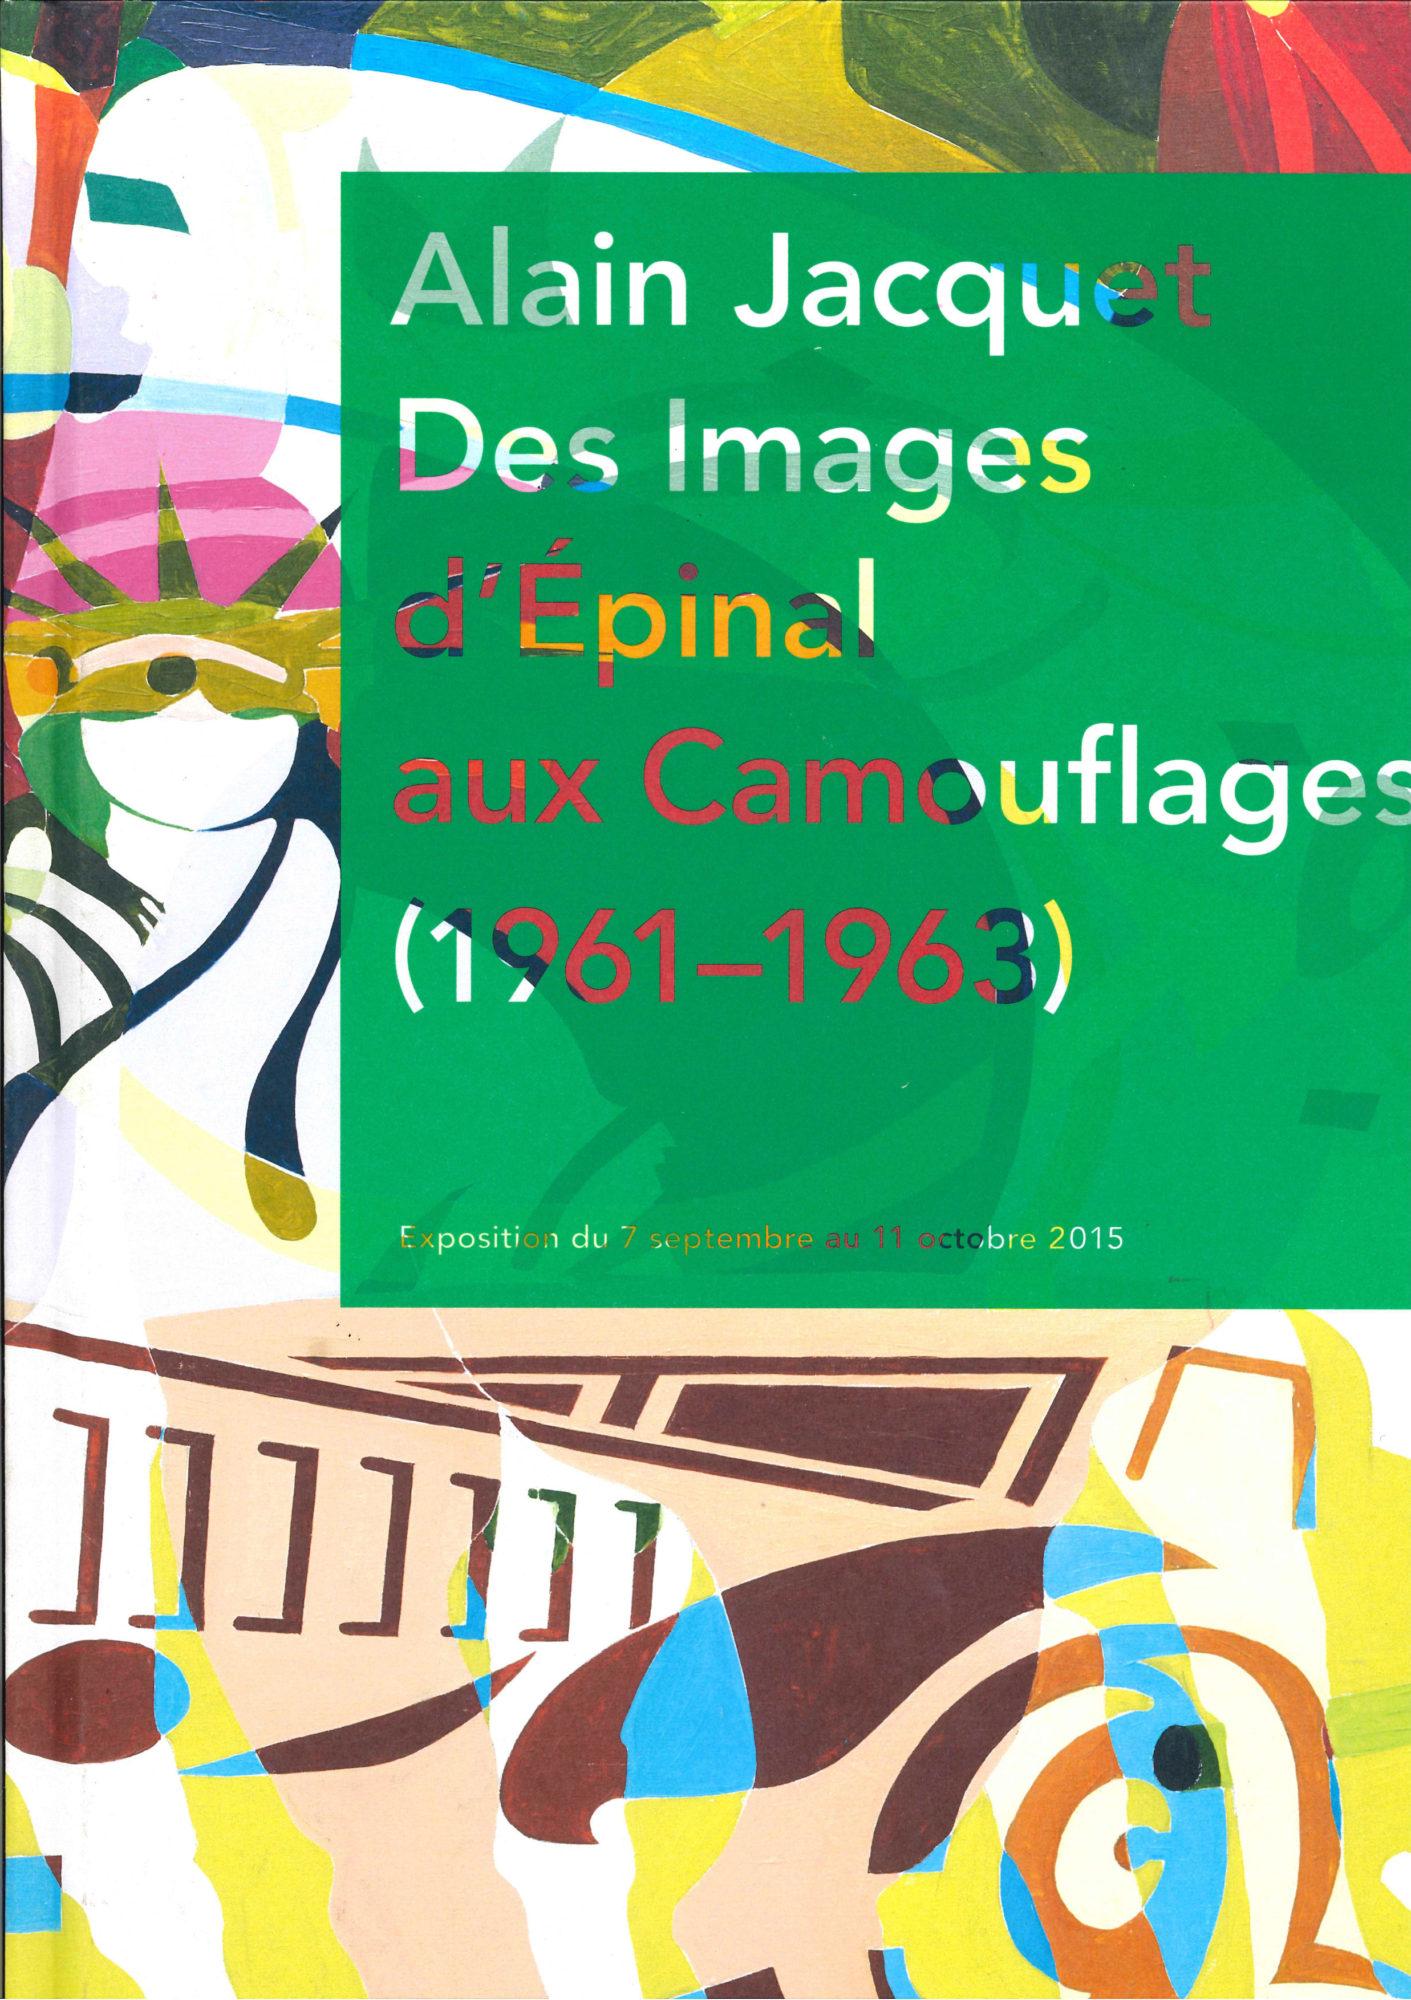 Des Images d'Épinal aux Camouflages (1961-1963) - Galerie Georges-Philippe & Nathalie Vallois